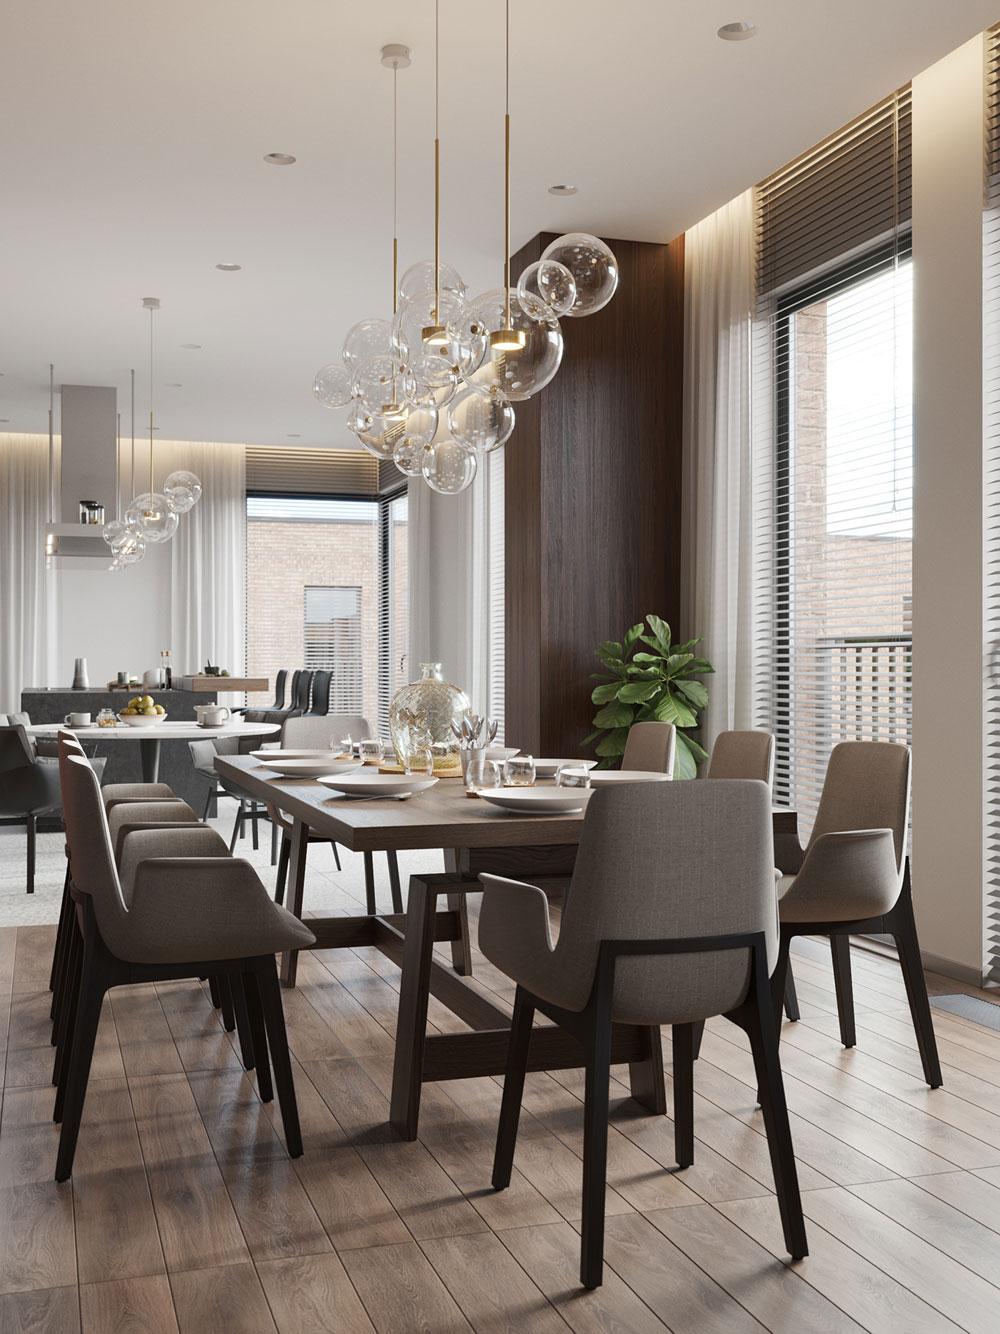 thiết kế nội thất chung cư cao cấp ảnh 17